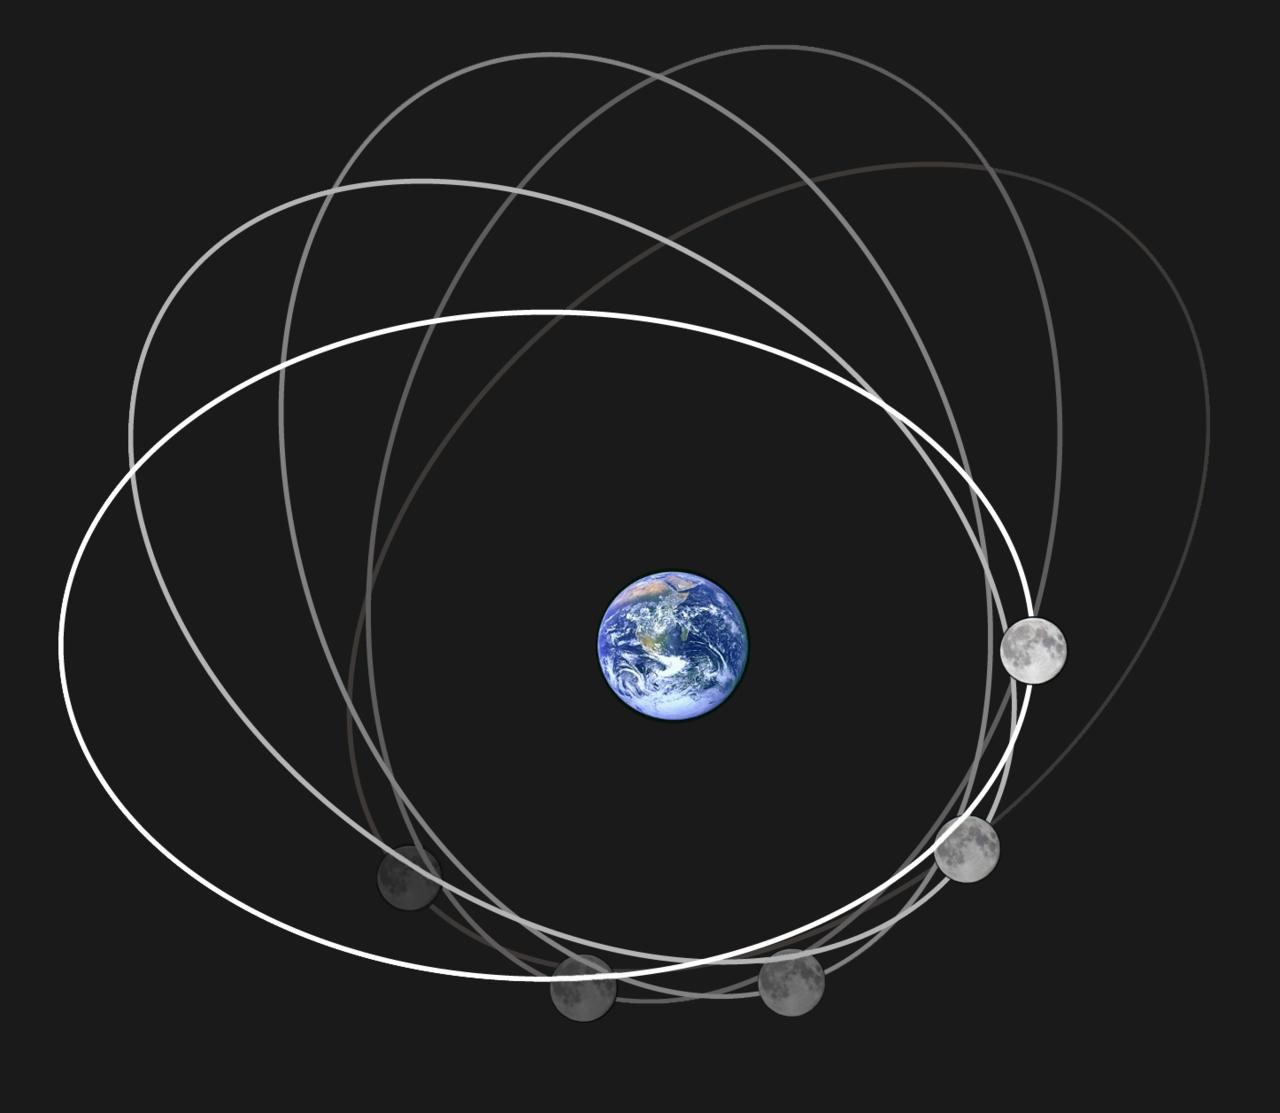 Figure 3-3: Aspidal Precession of the Moon (Wikkicommon)